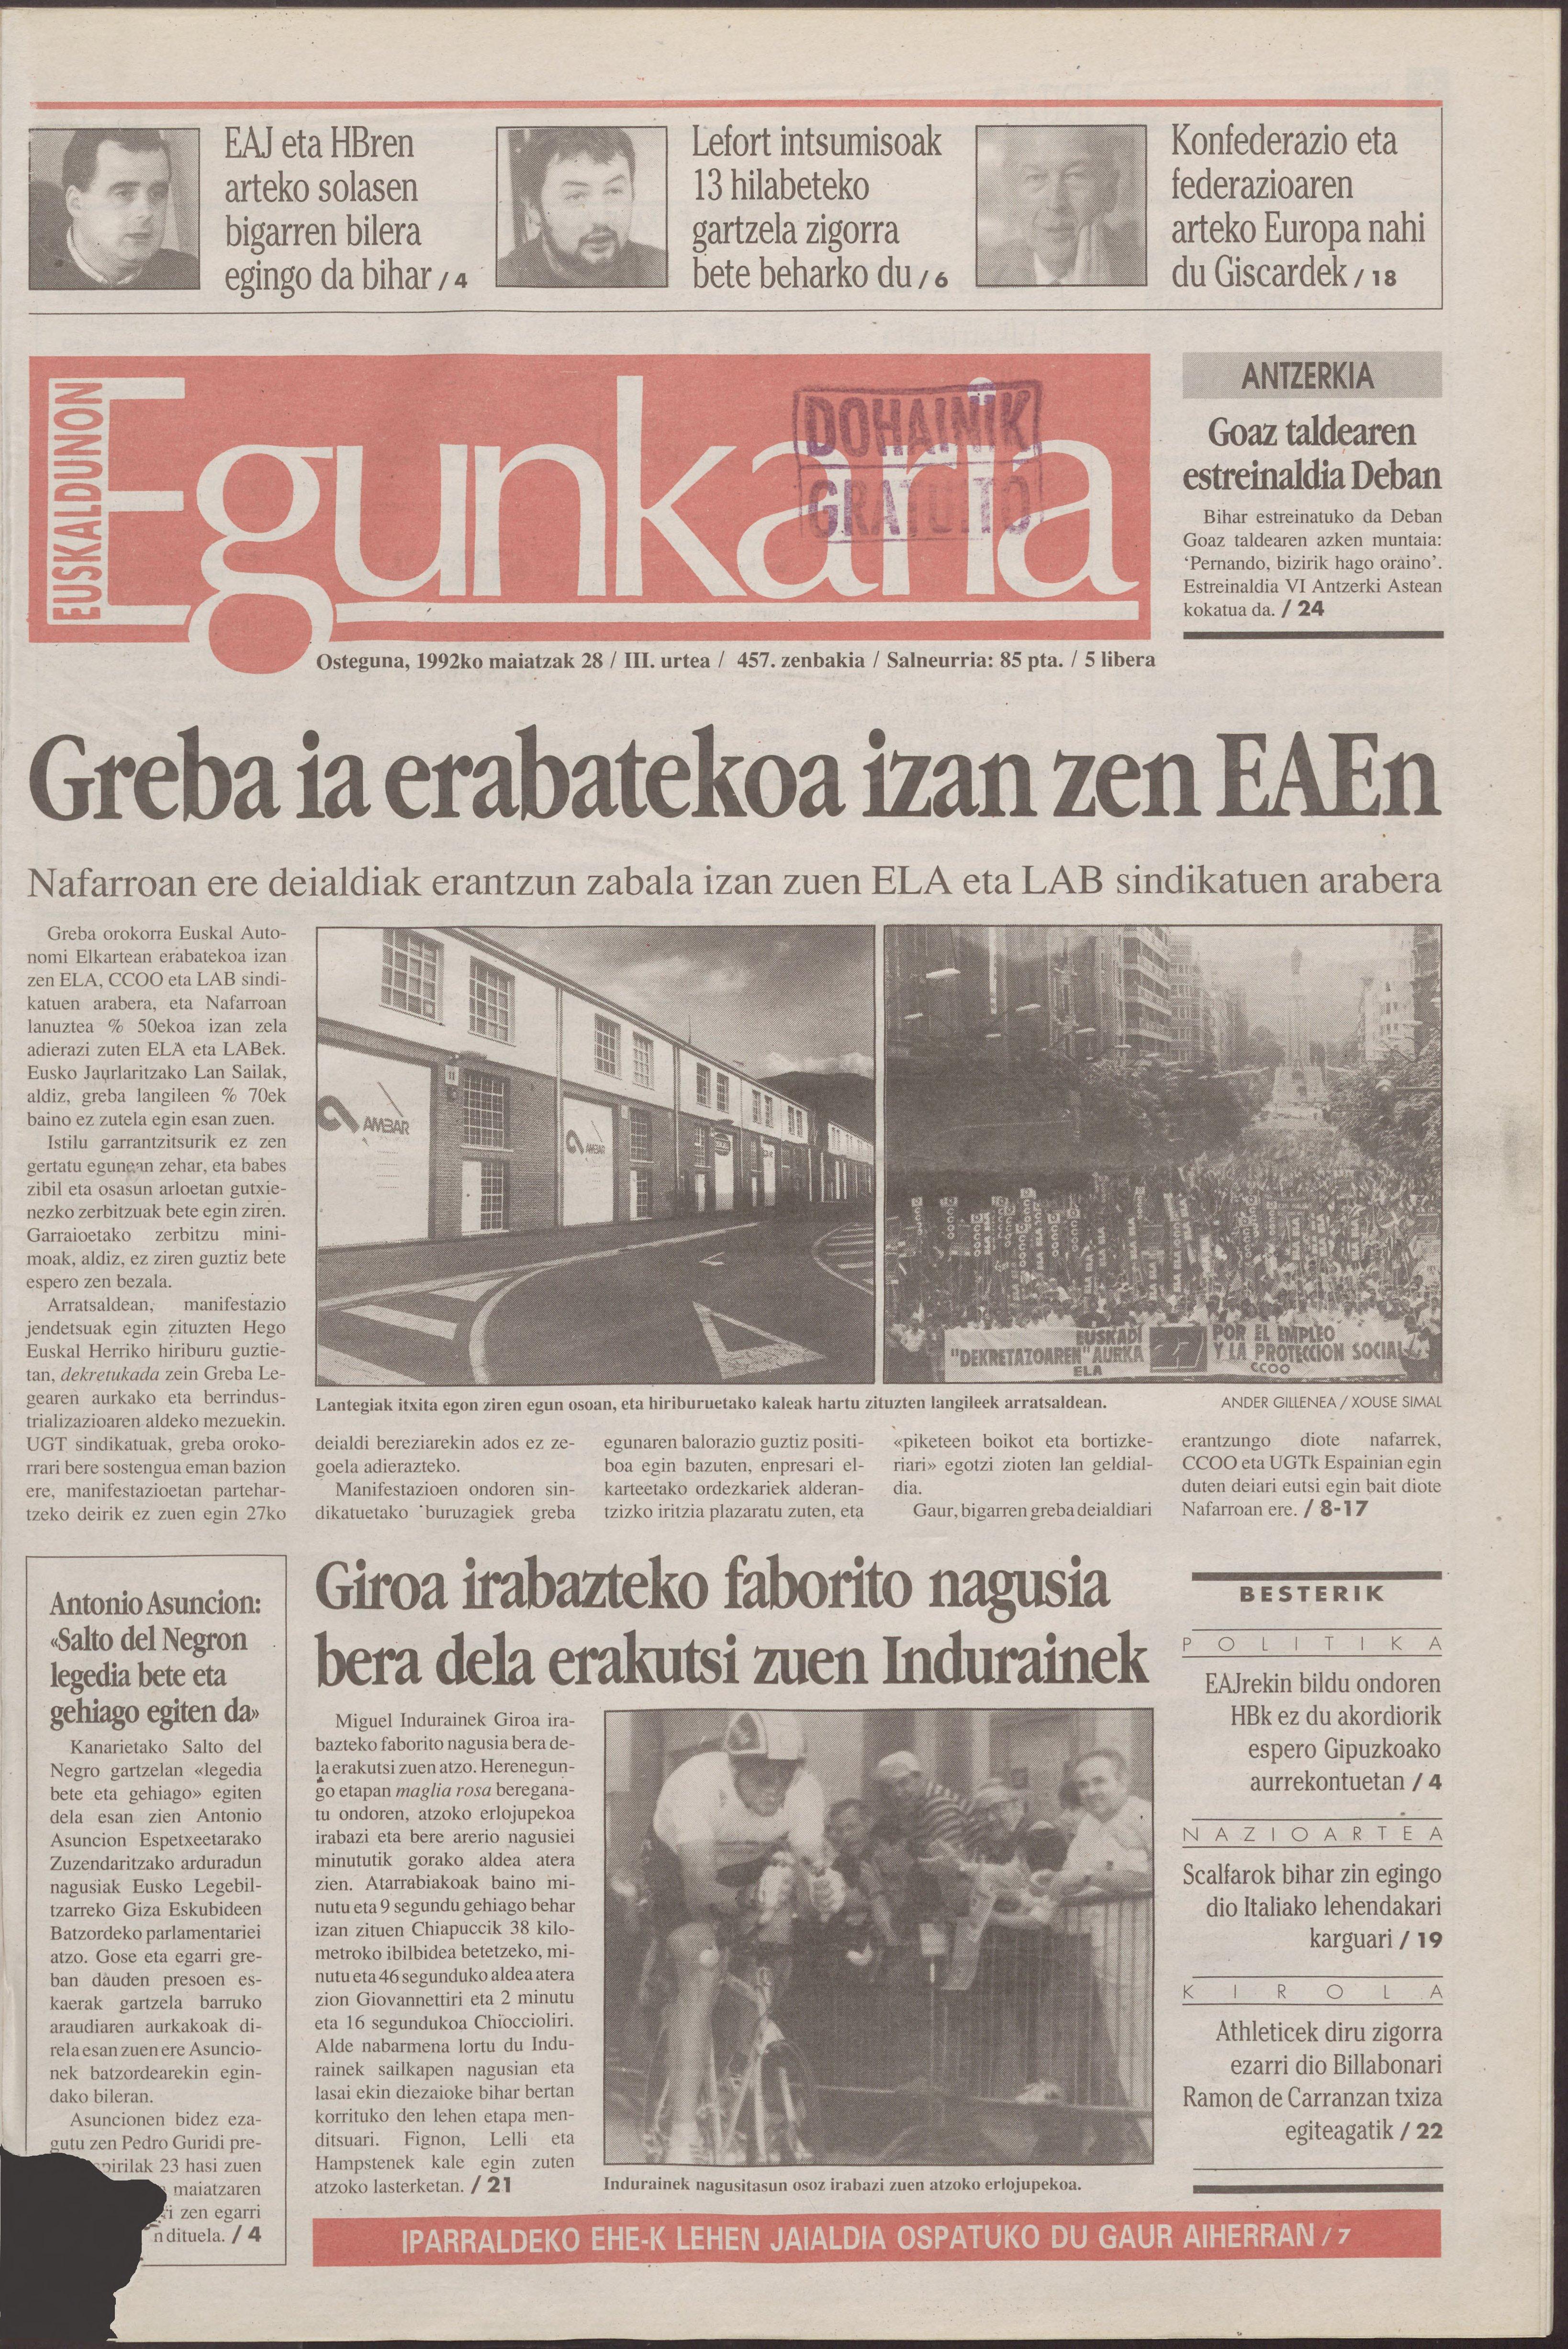 1992ko maiatzak 28, 01. orrialdea